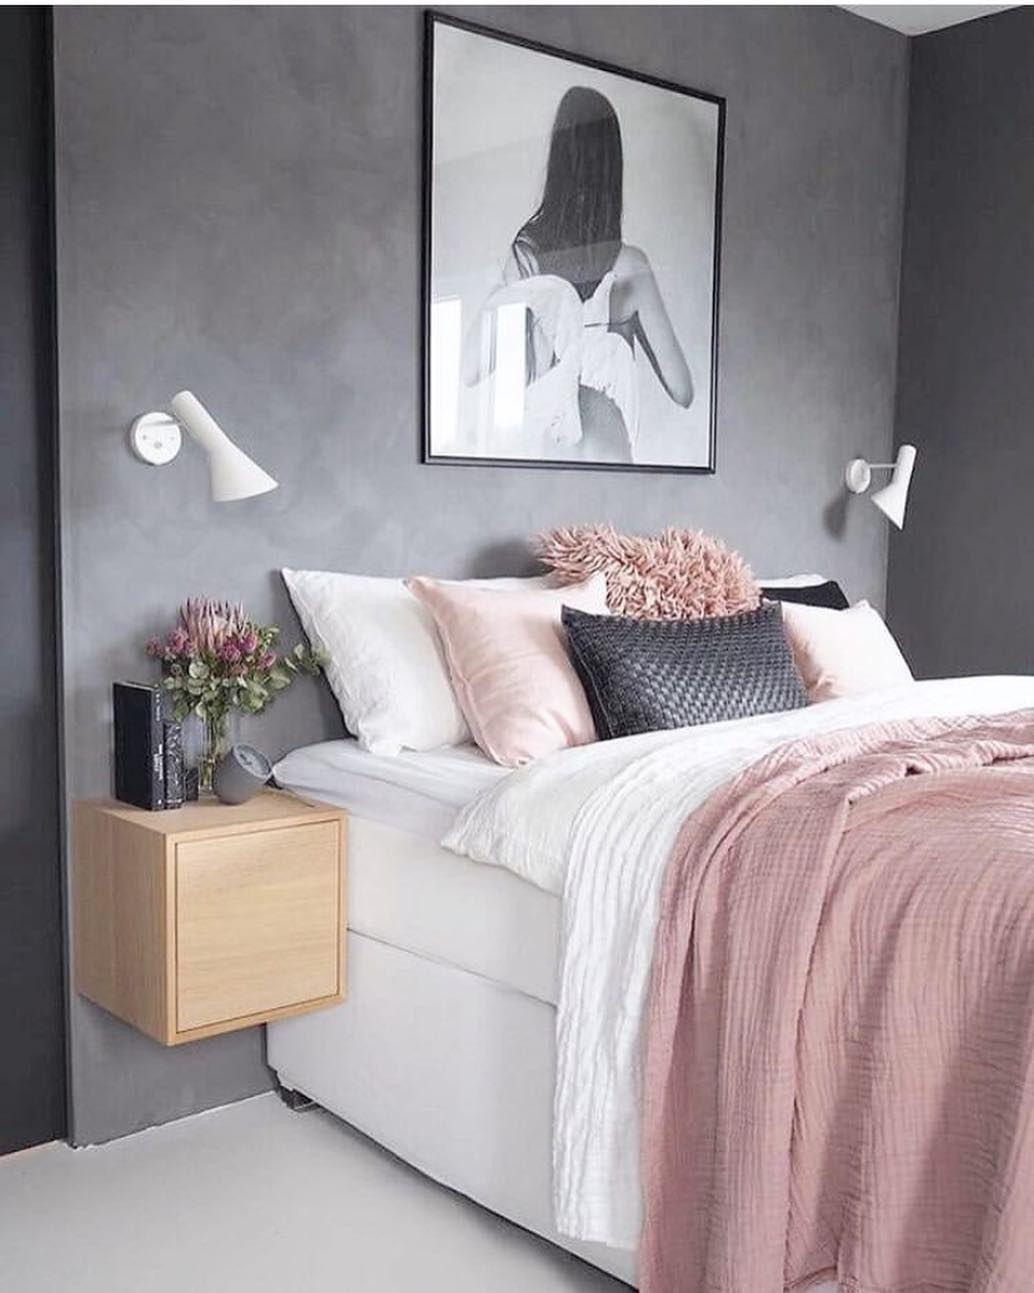 Schlafzimmerinspiration Grau und Rosa im Interieur